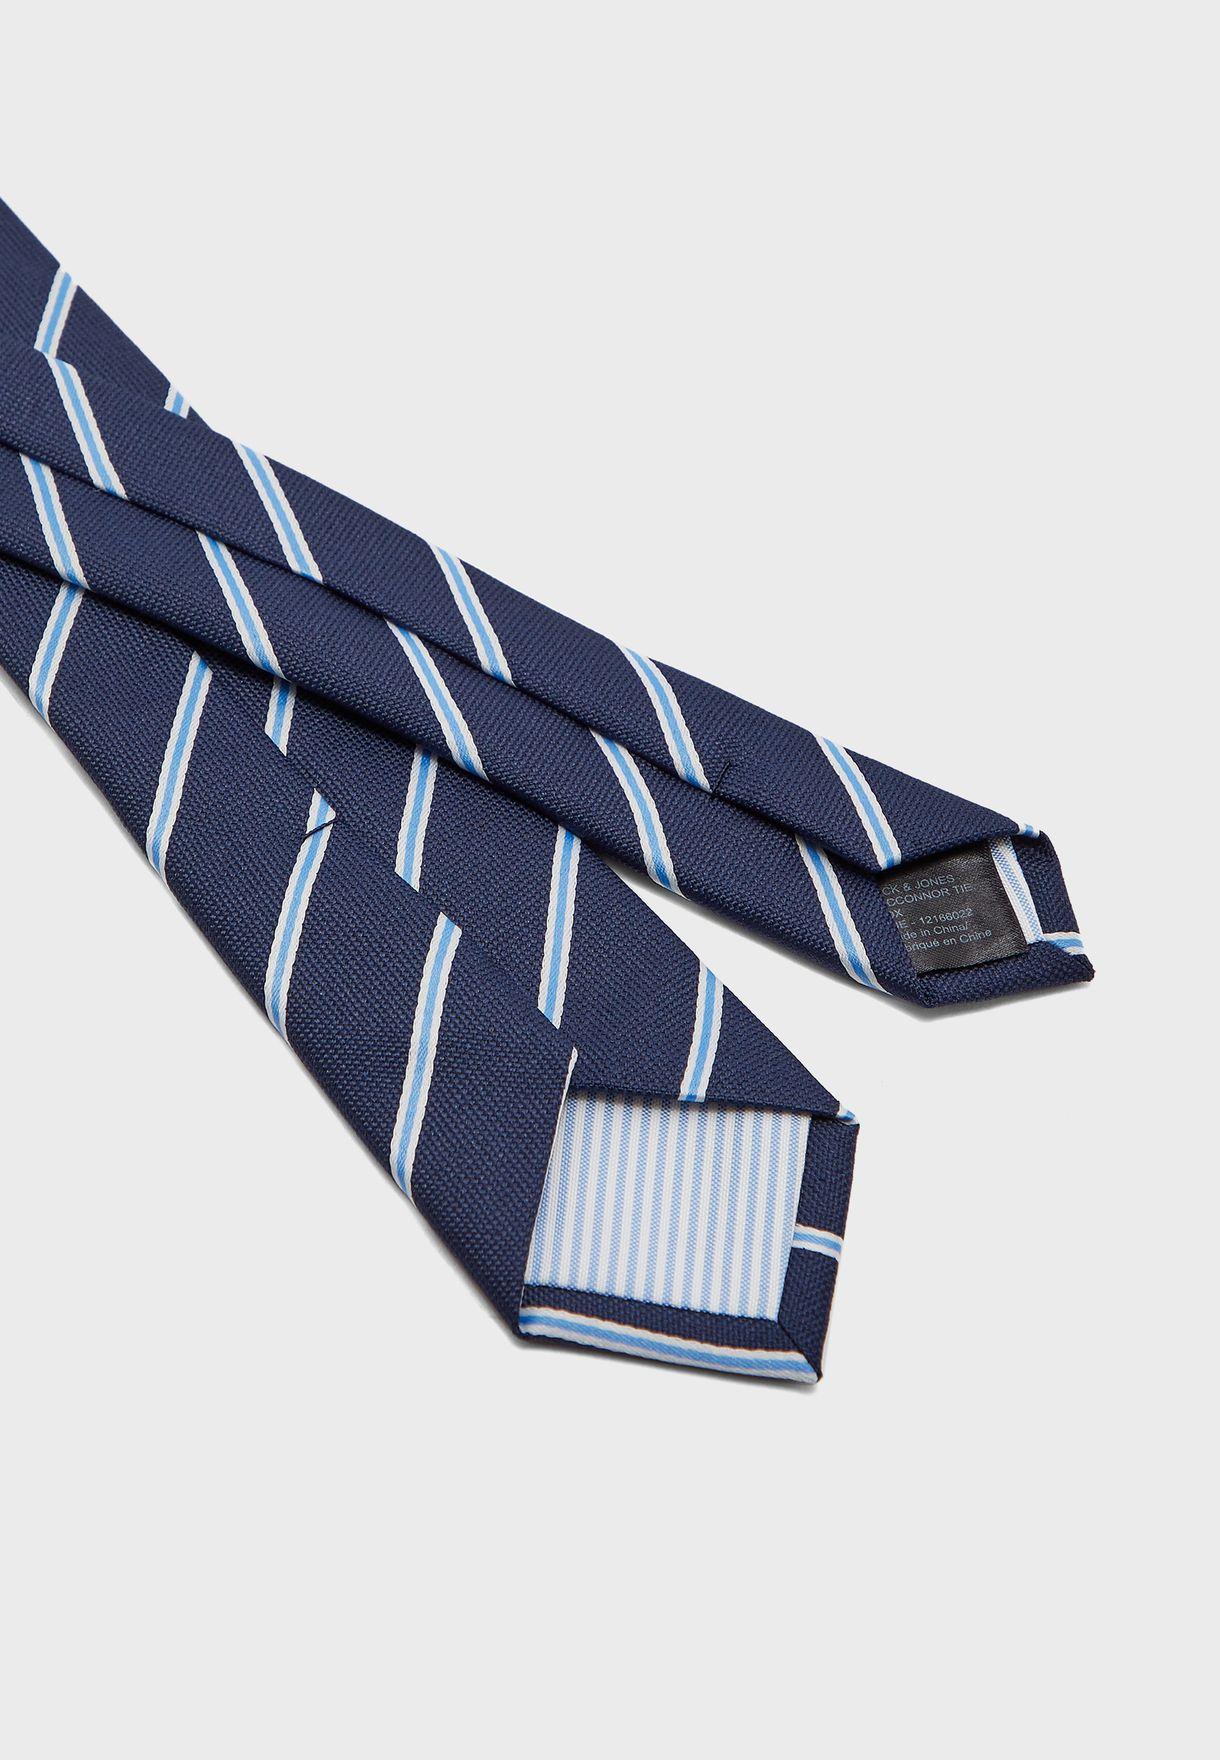 Connor Striped Tie